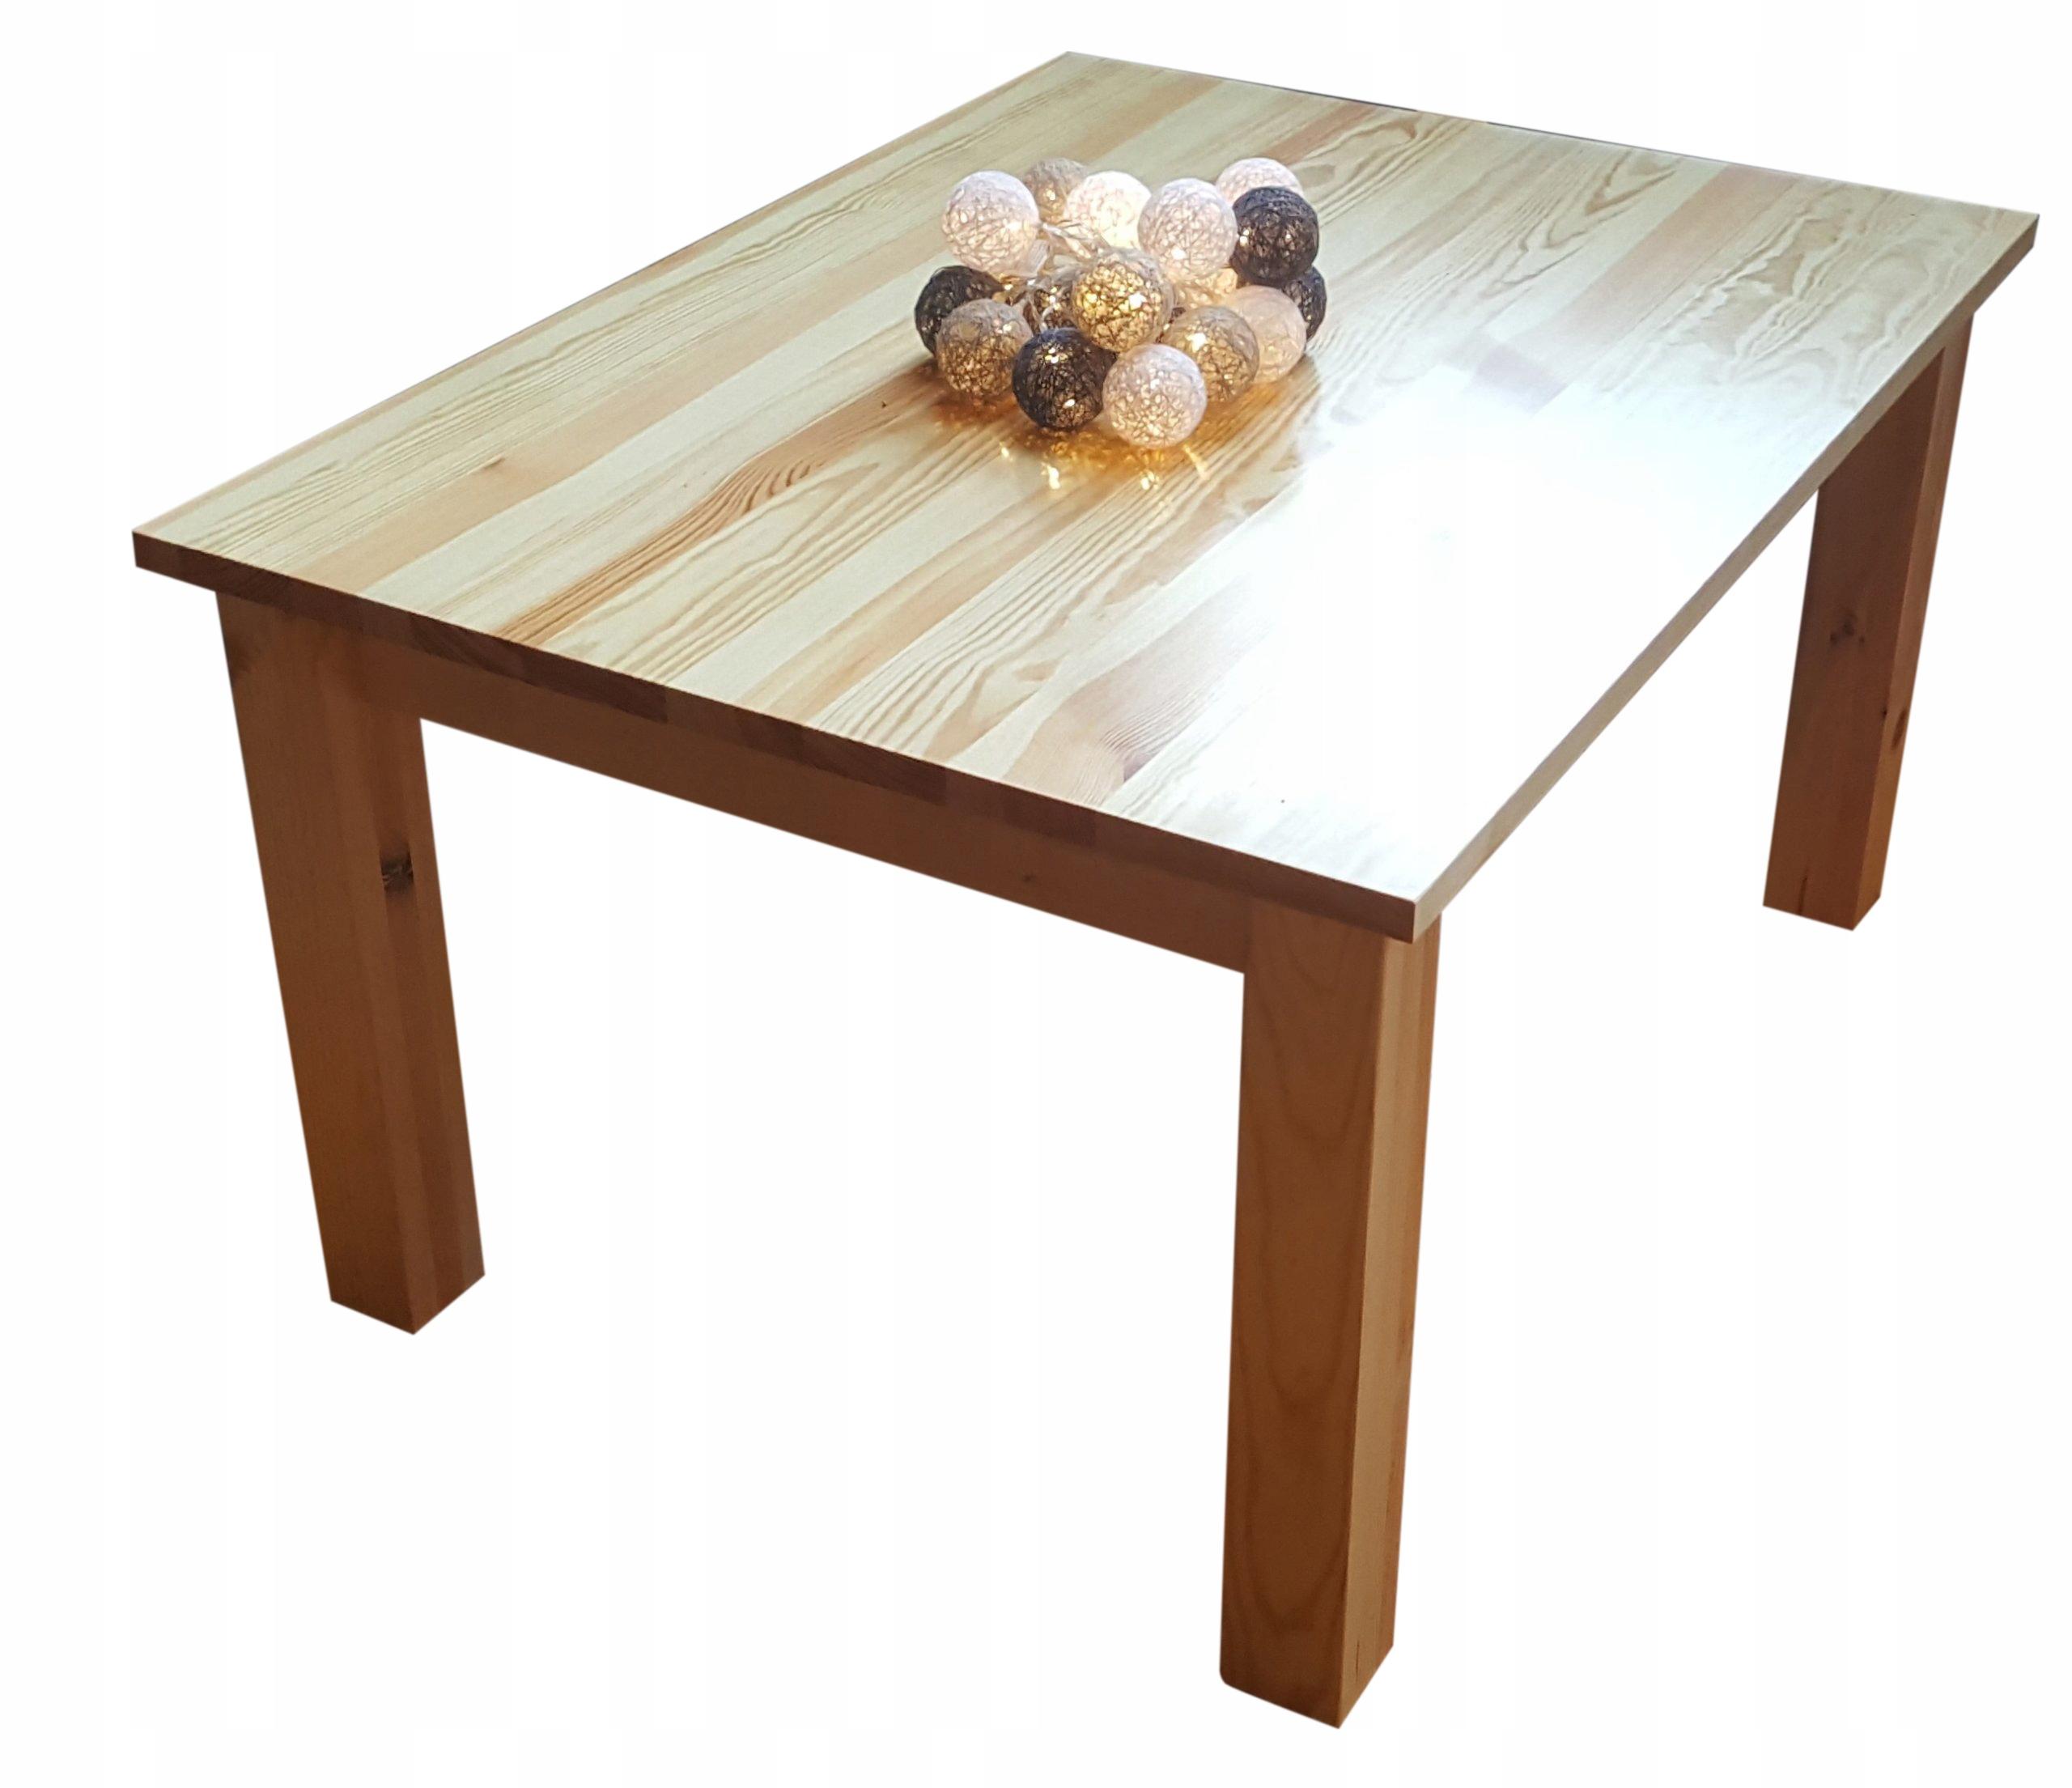 Stół drewniany sosnowy 90x90 ELEGANCKI NOWOCZESNY Kod produktu ..